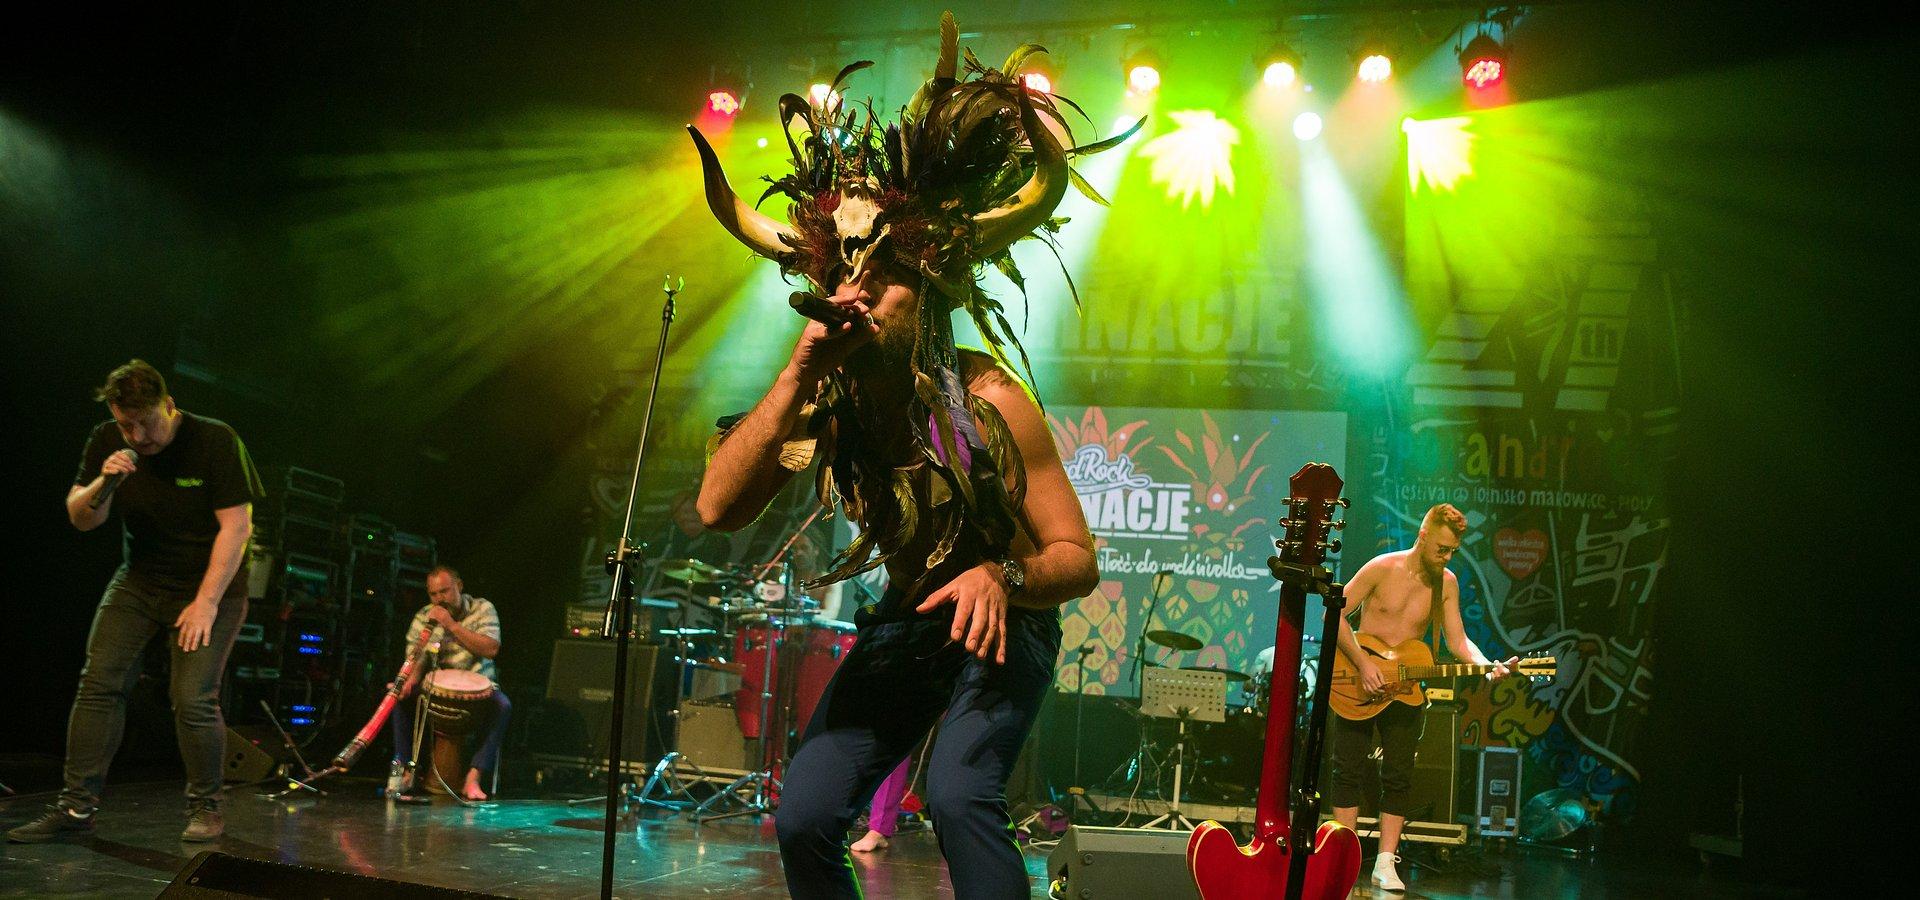 Wiemy już kto wystąpi na Pol'and'Rock Festival - Eliminacje do Najpiękniejszego Festiwalu Świata podsumowane